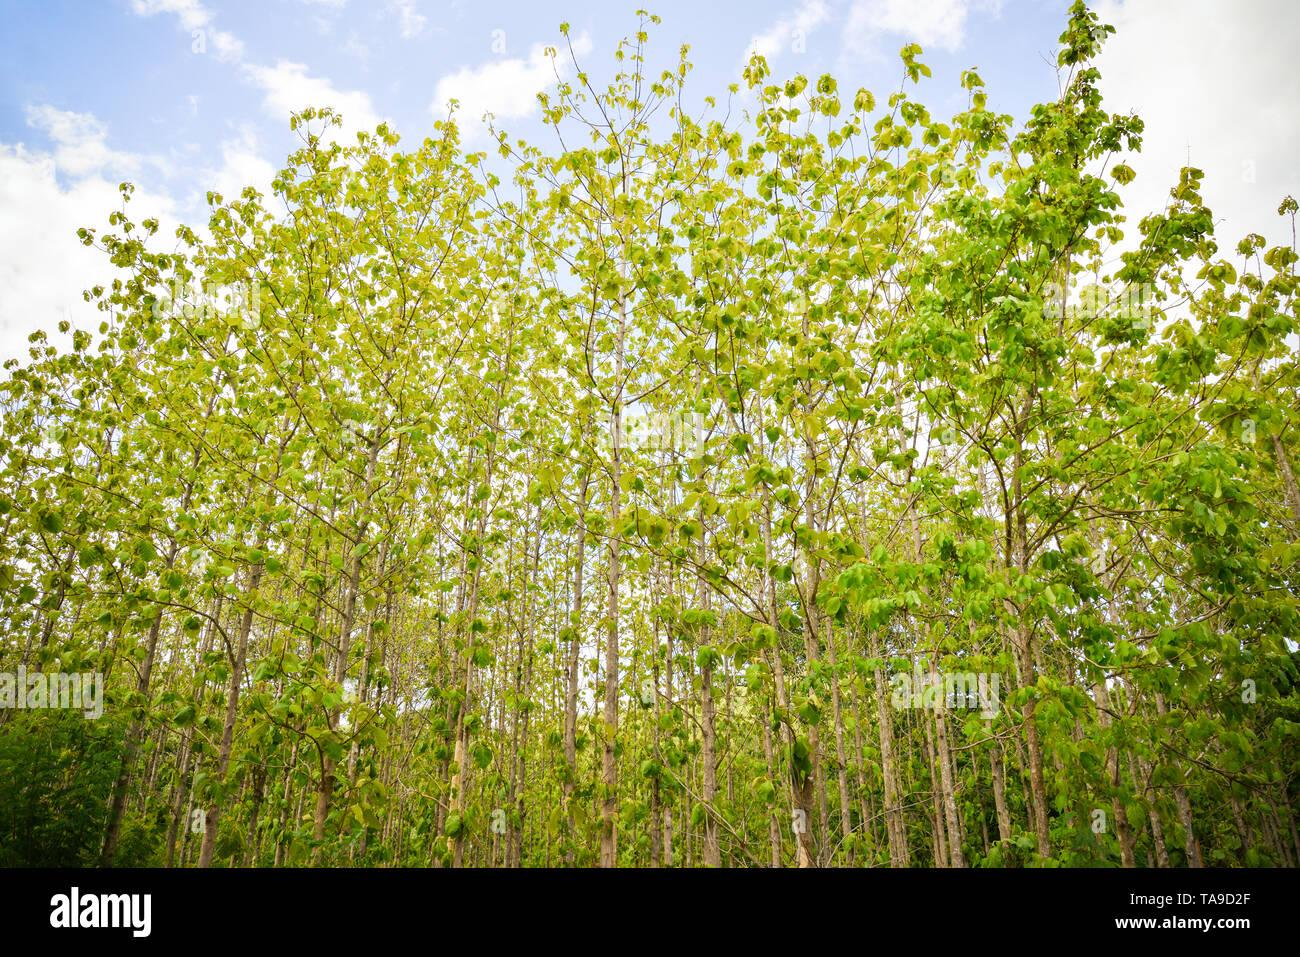 Wald Teak tree/der landwirtschaftlichen der Plantage Feld Teak tree green leaf in ländlicher Umgebung Stockbild